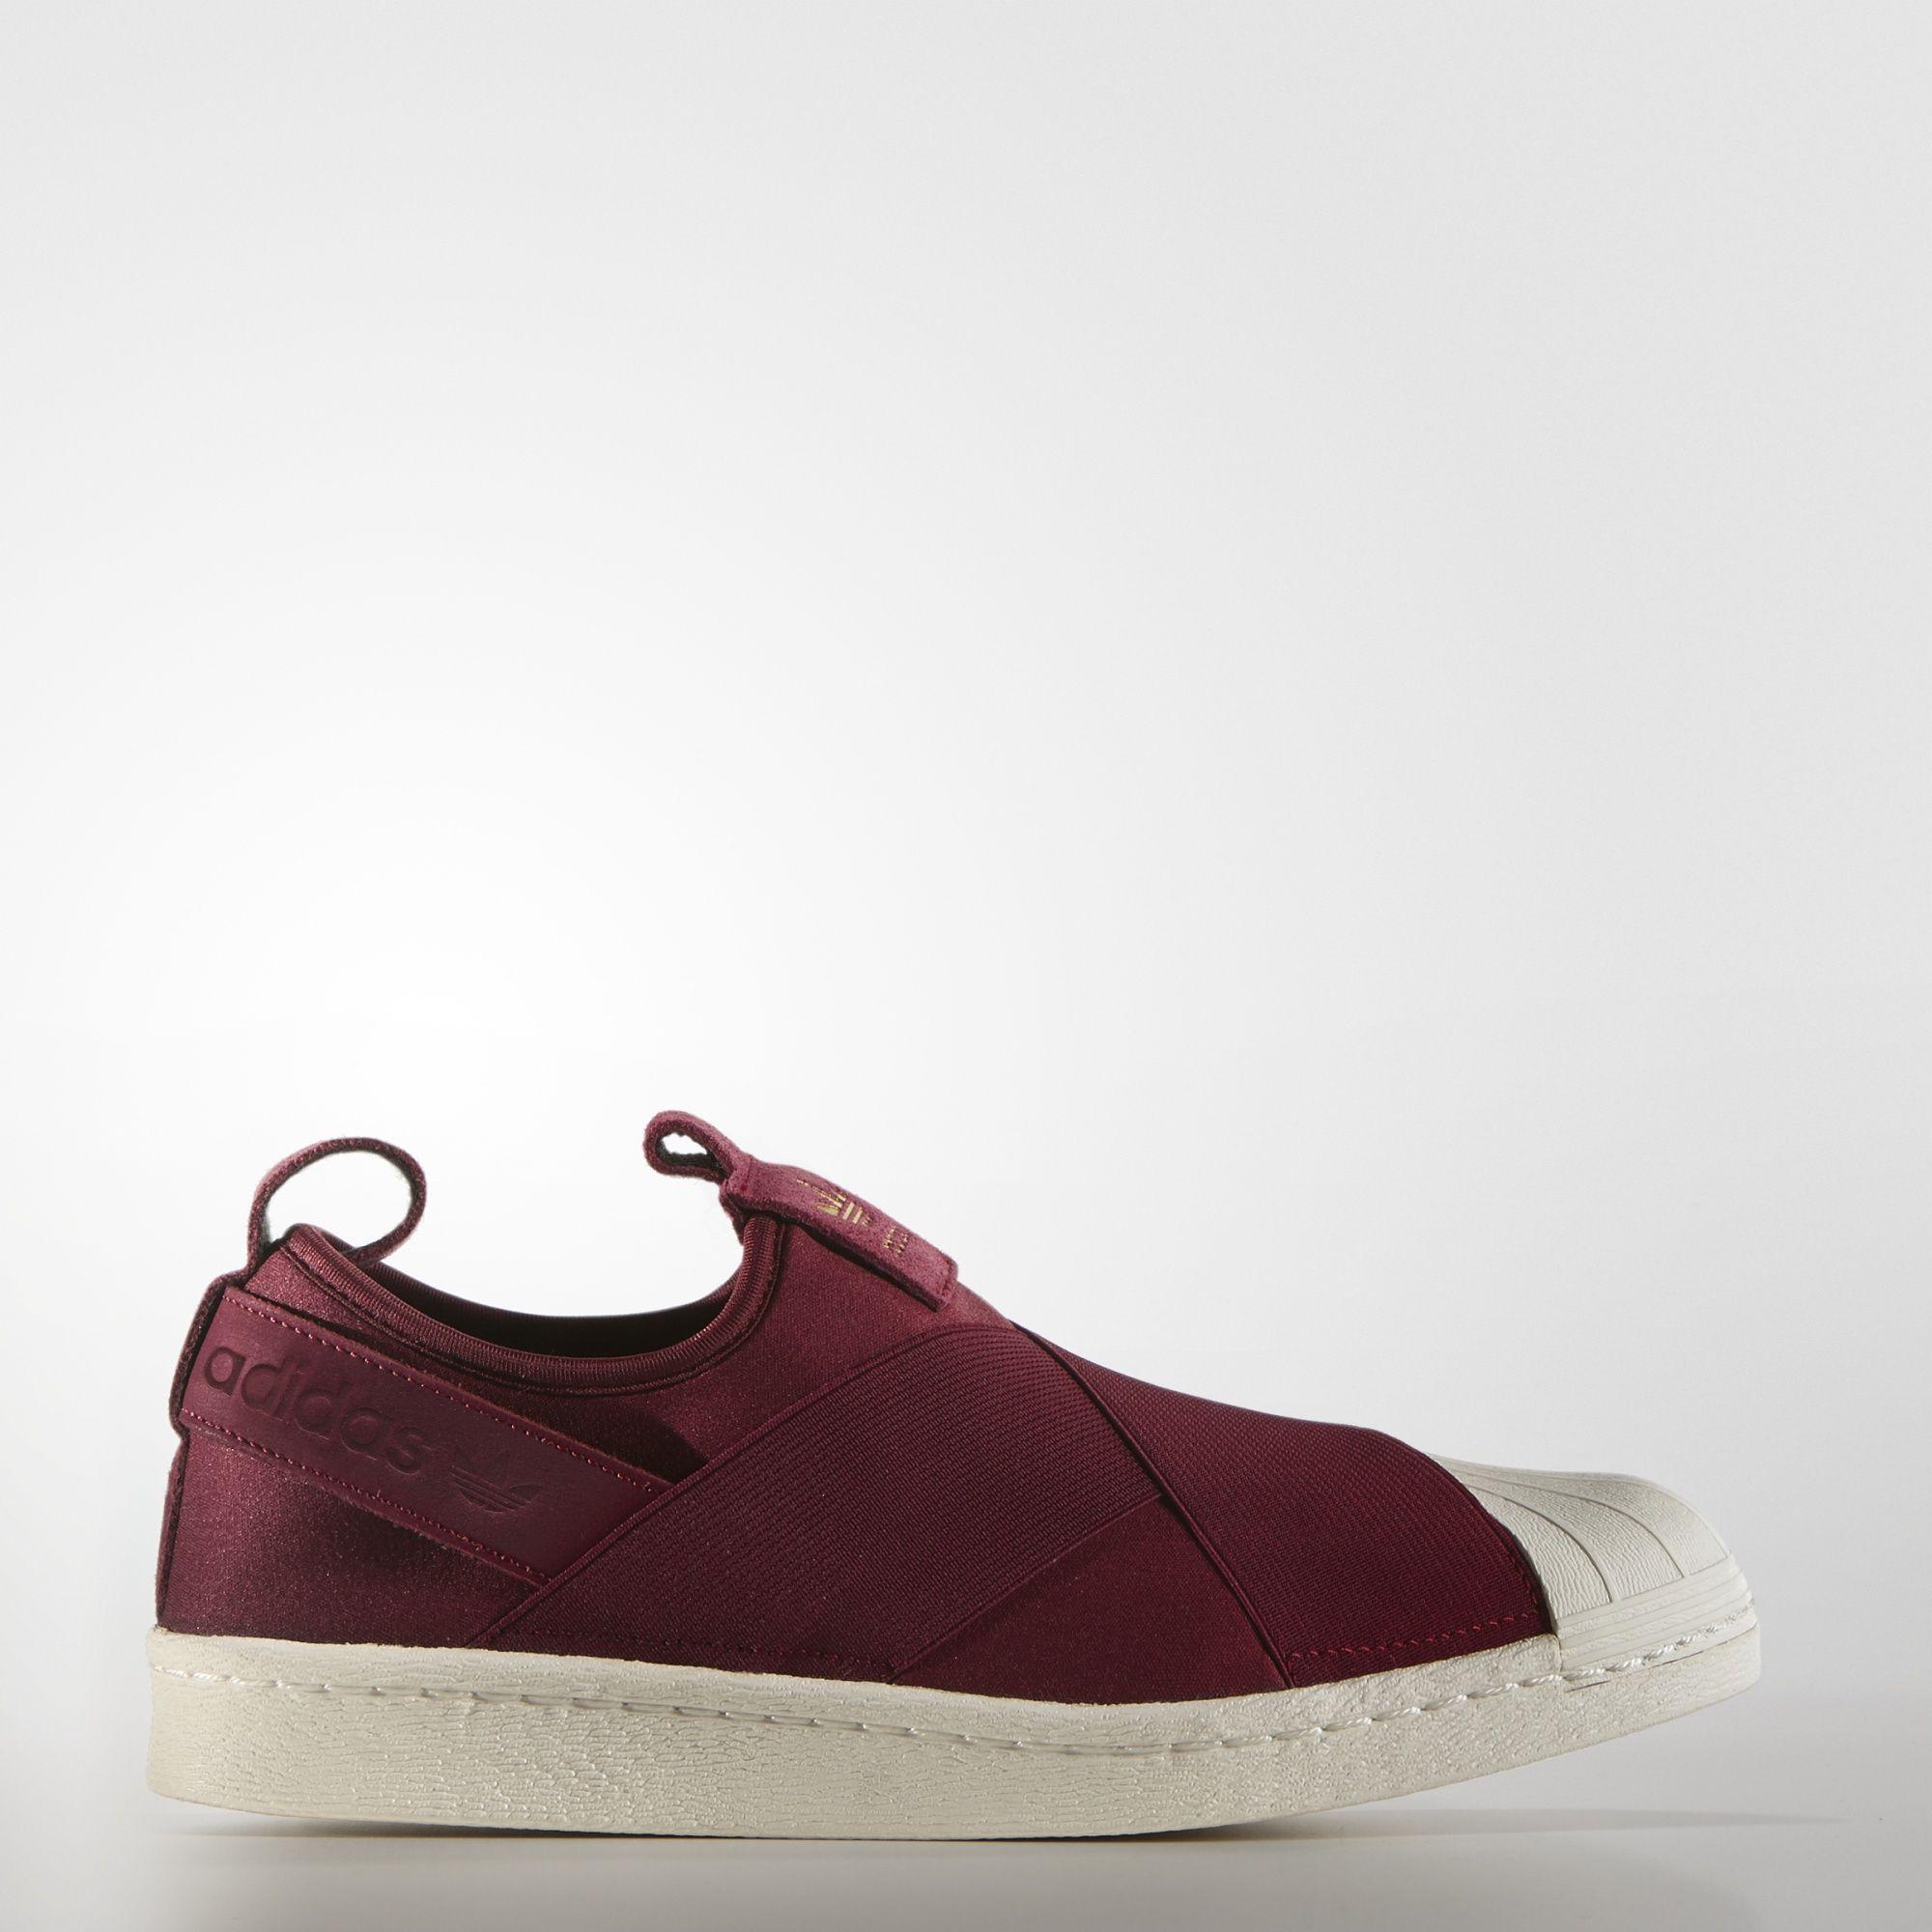 adidas Originals for Women Superstar Slip On Burgundy Vintage Shoes On Sale 3610936